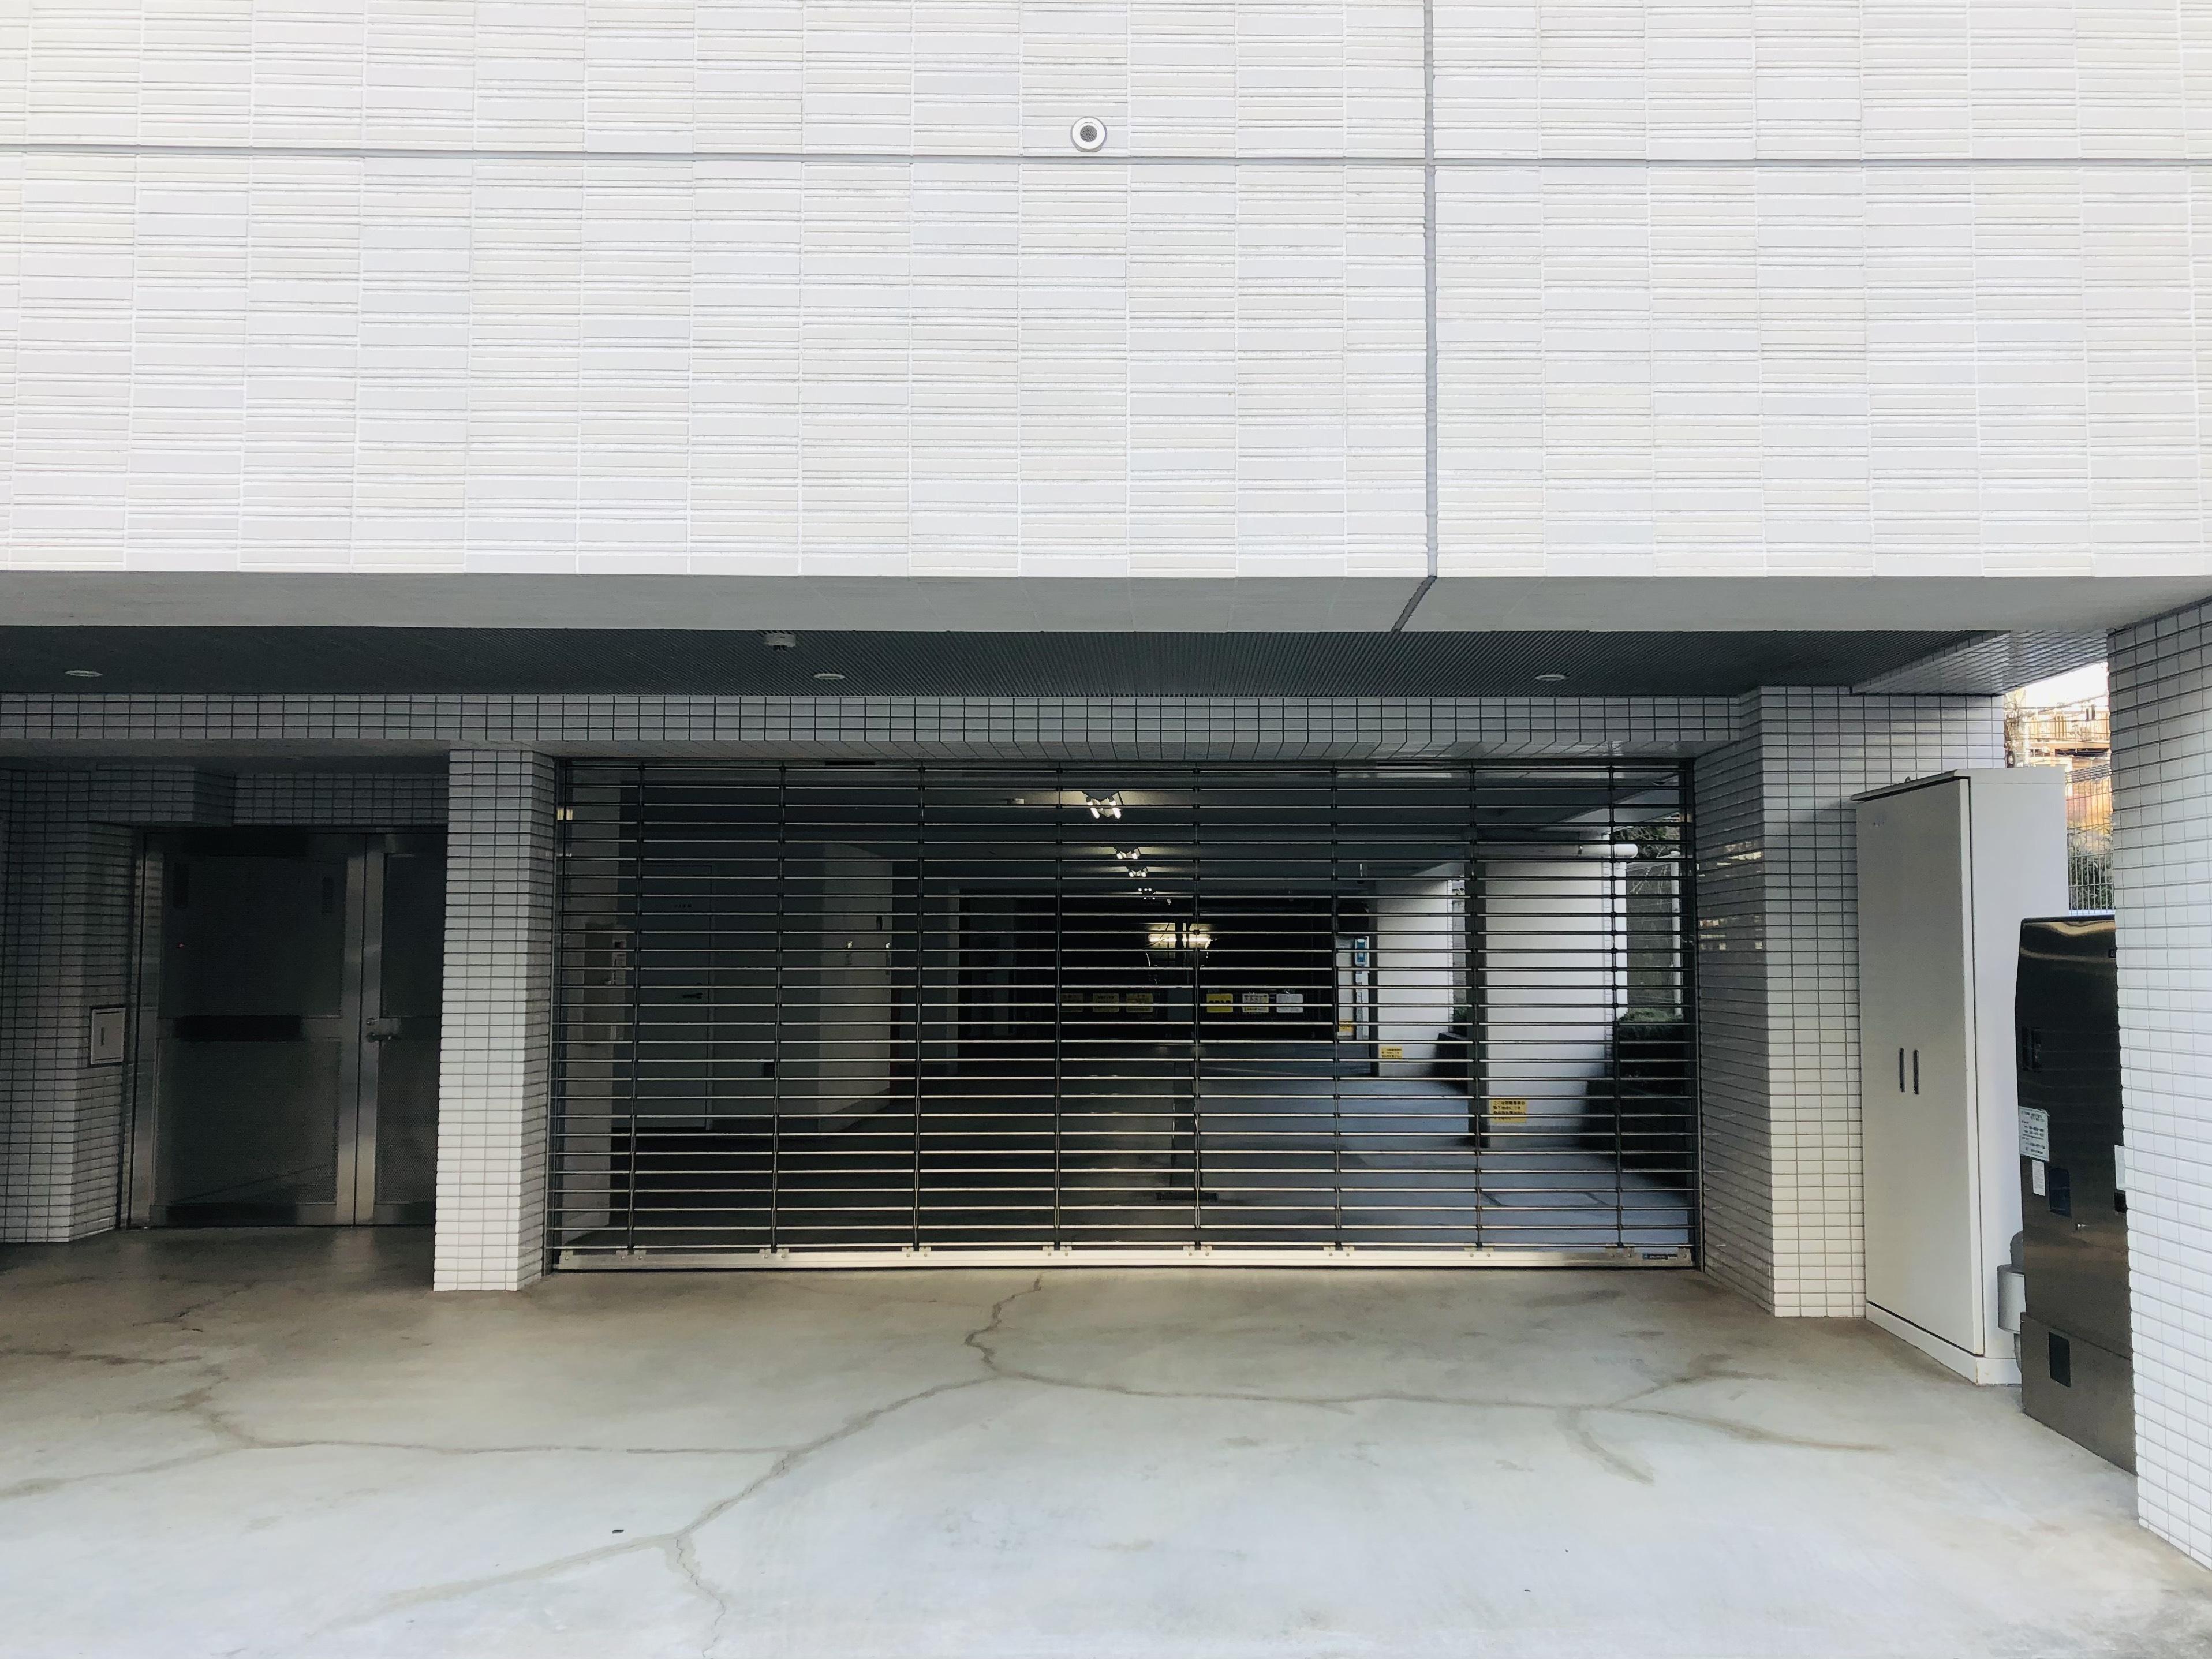 シャッターゲート付きの駐車場は外部からの侵入を防ぎ大切なお車の保護にも役立ちます。 イメージ